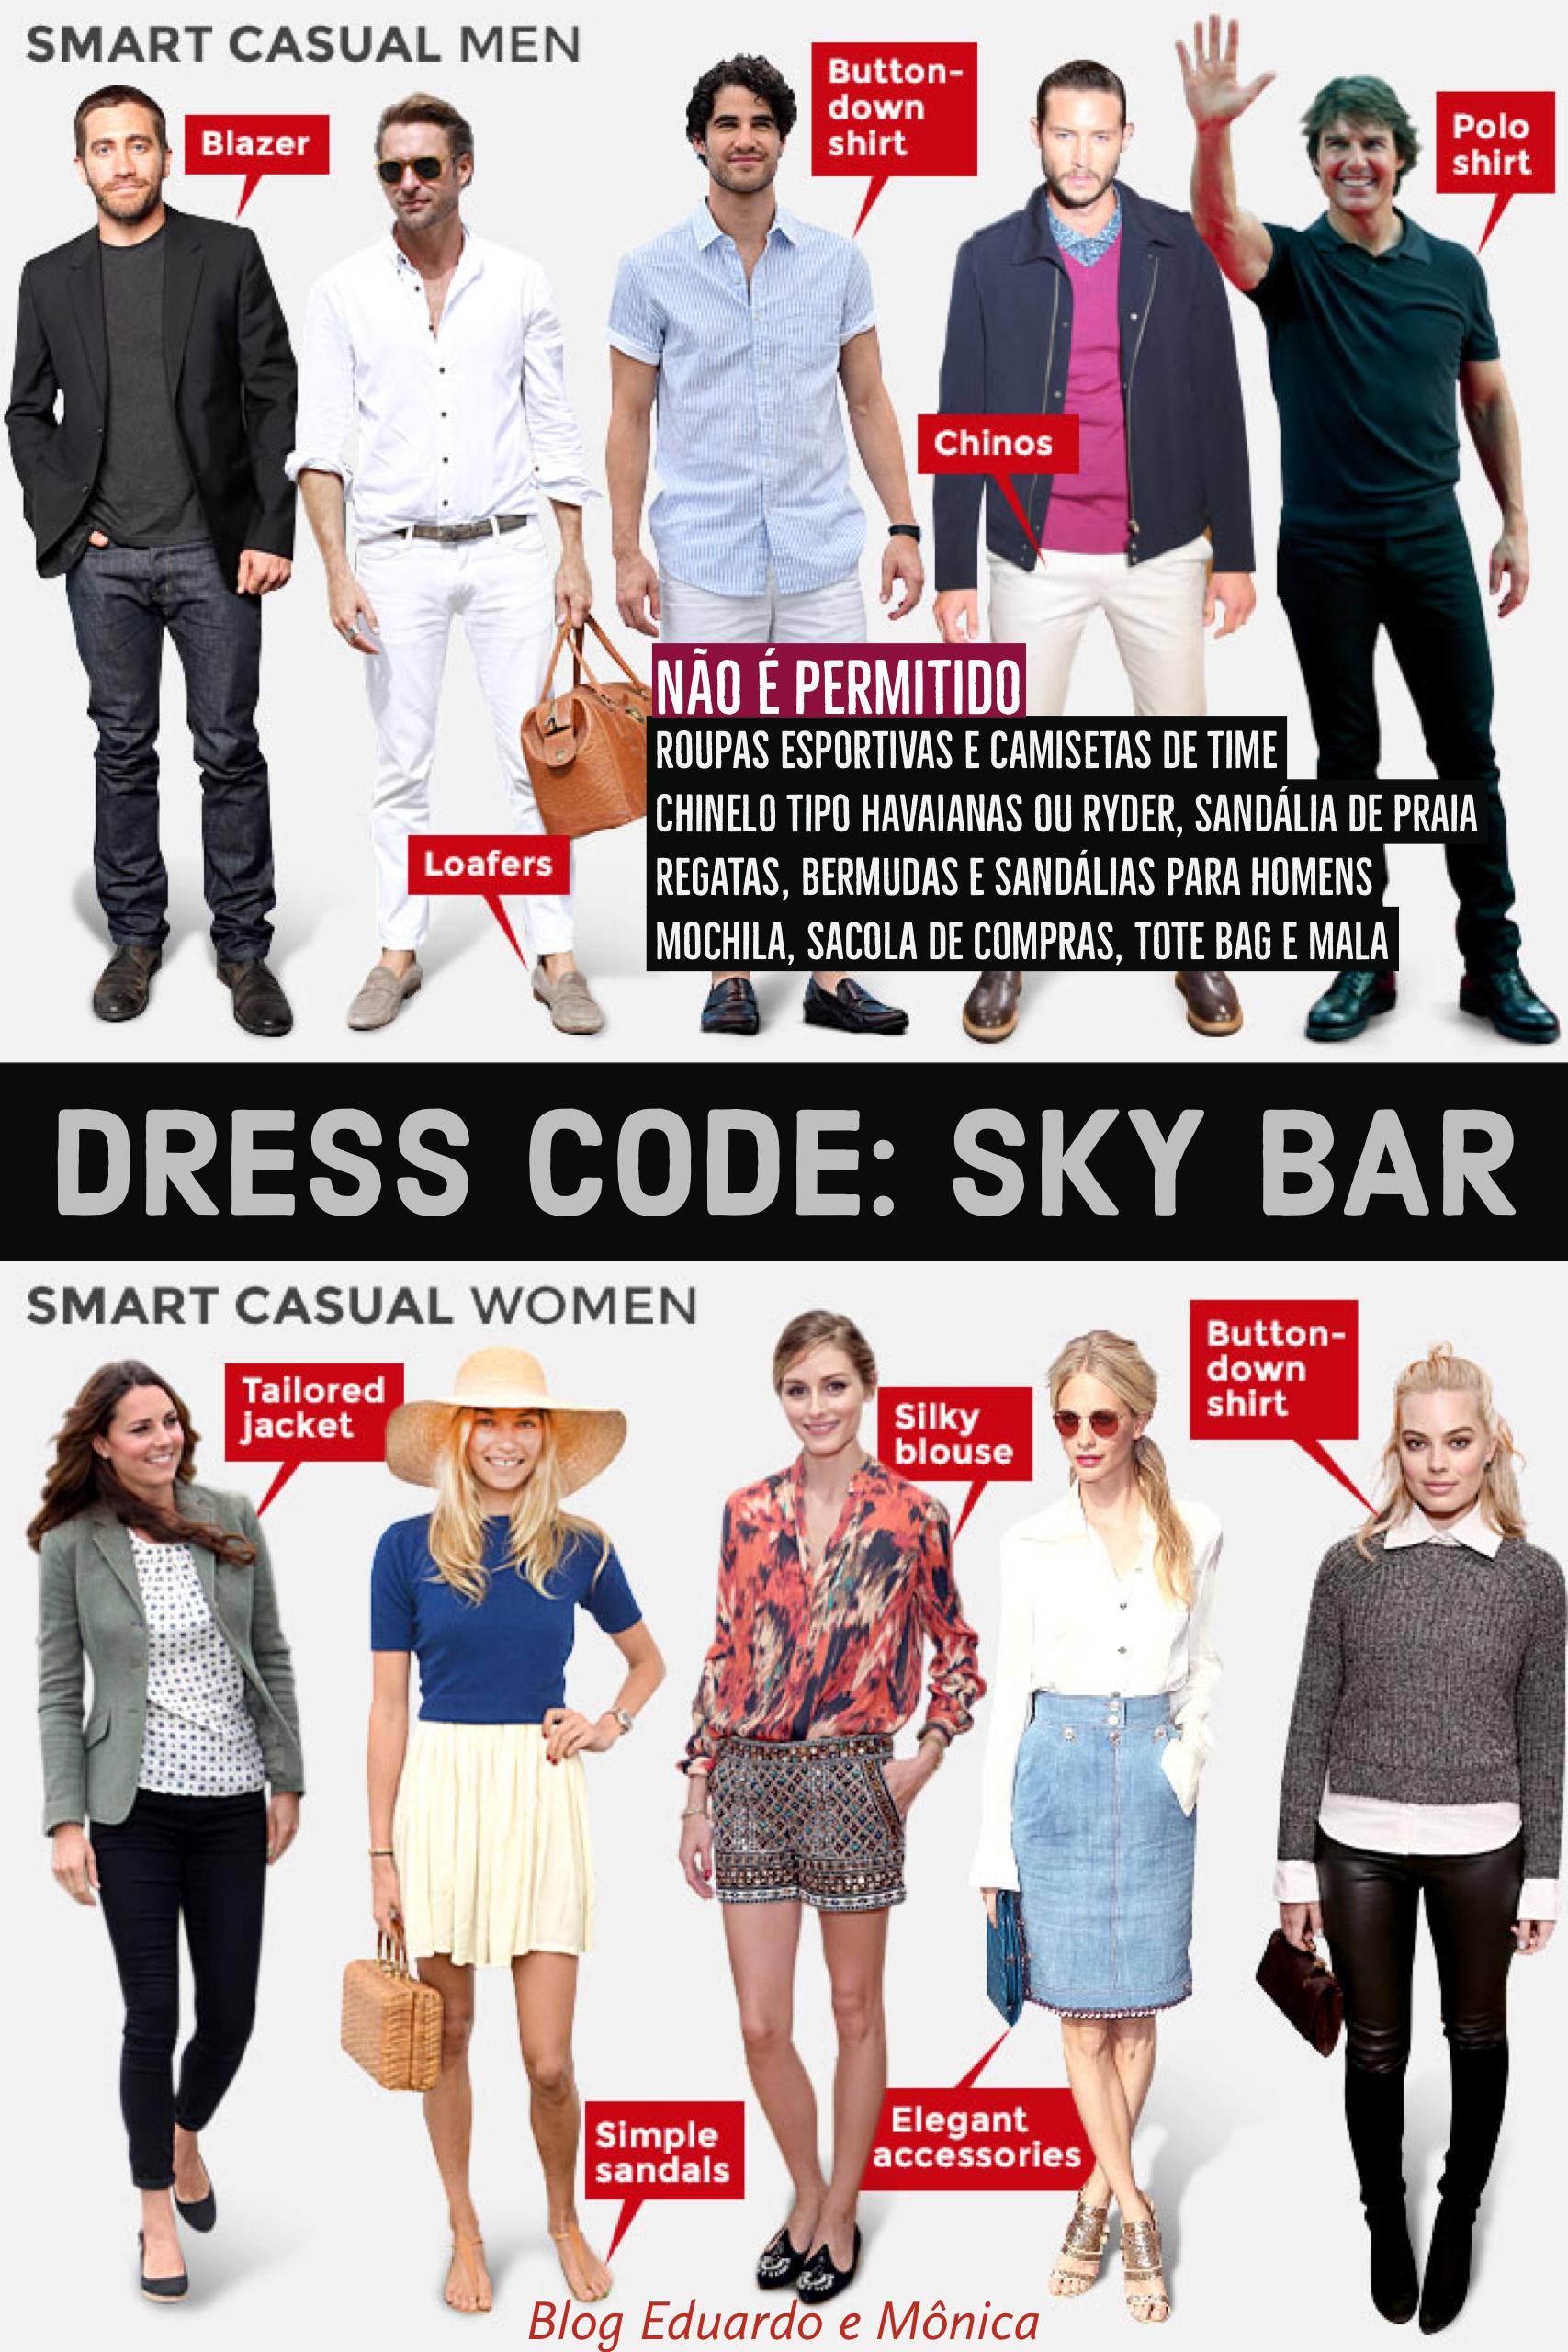 Dress Code para o Sky Bar